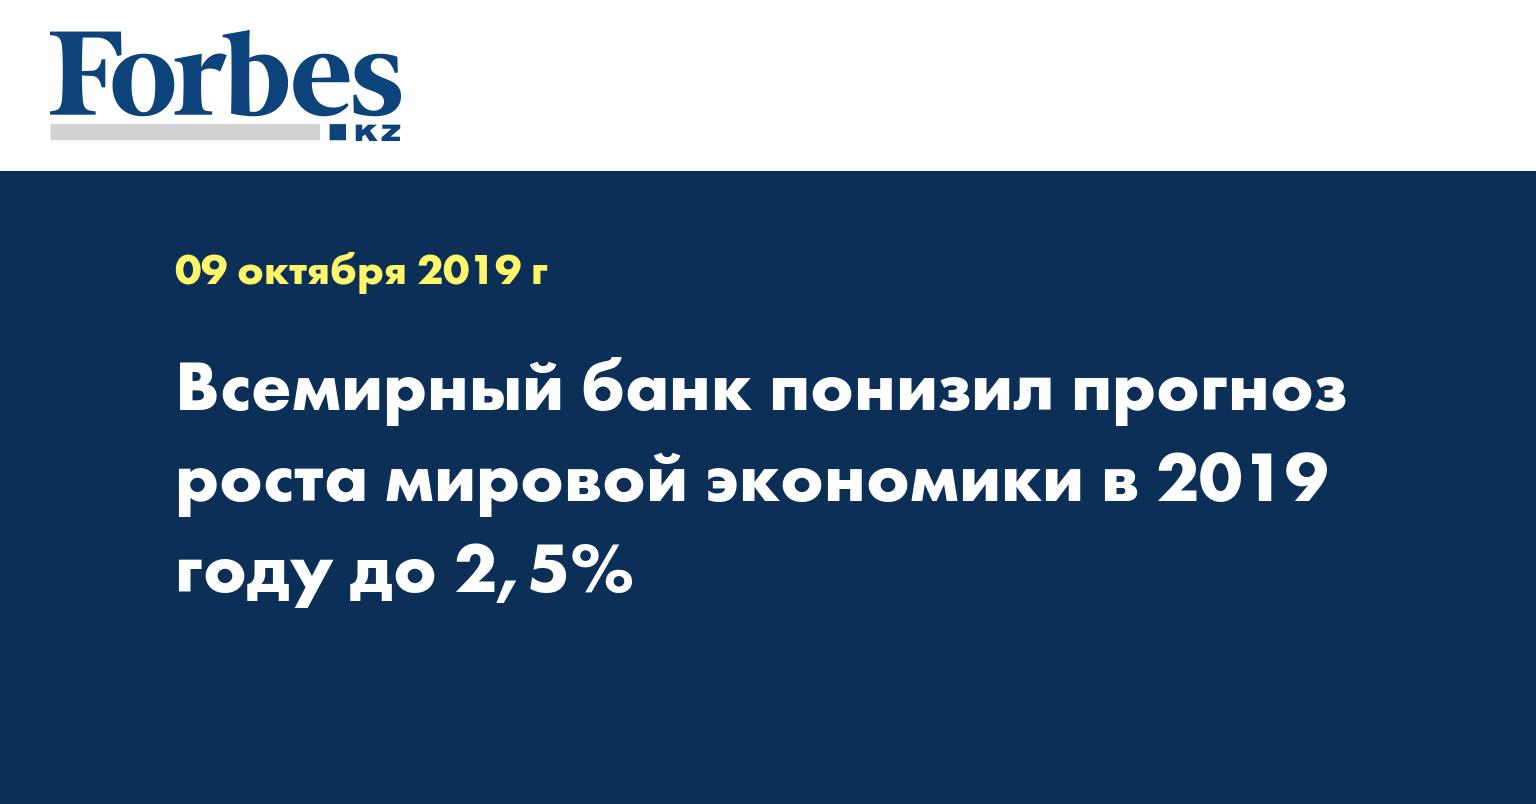 Всемирный банк понизил прогноз роста мировой экономики в 2019 году до 2,5%